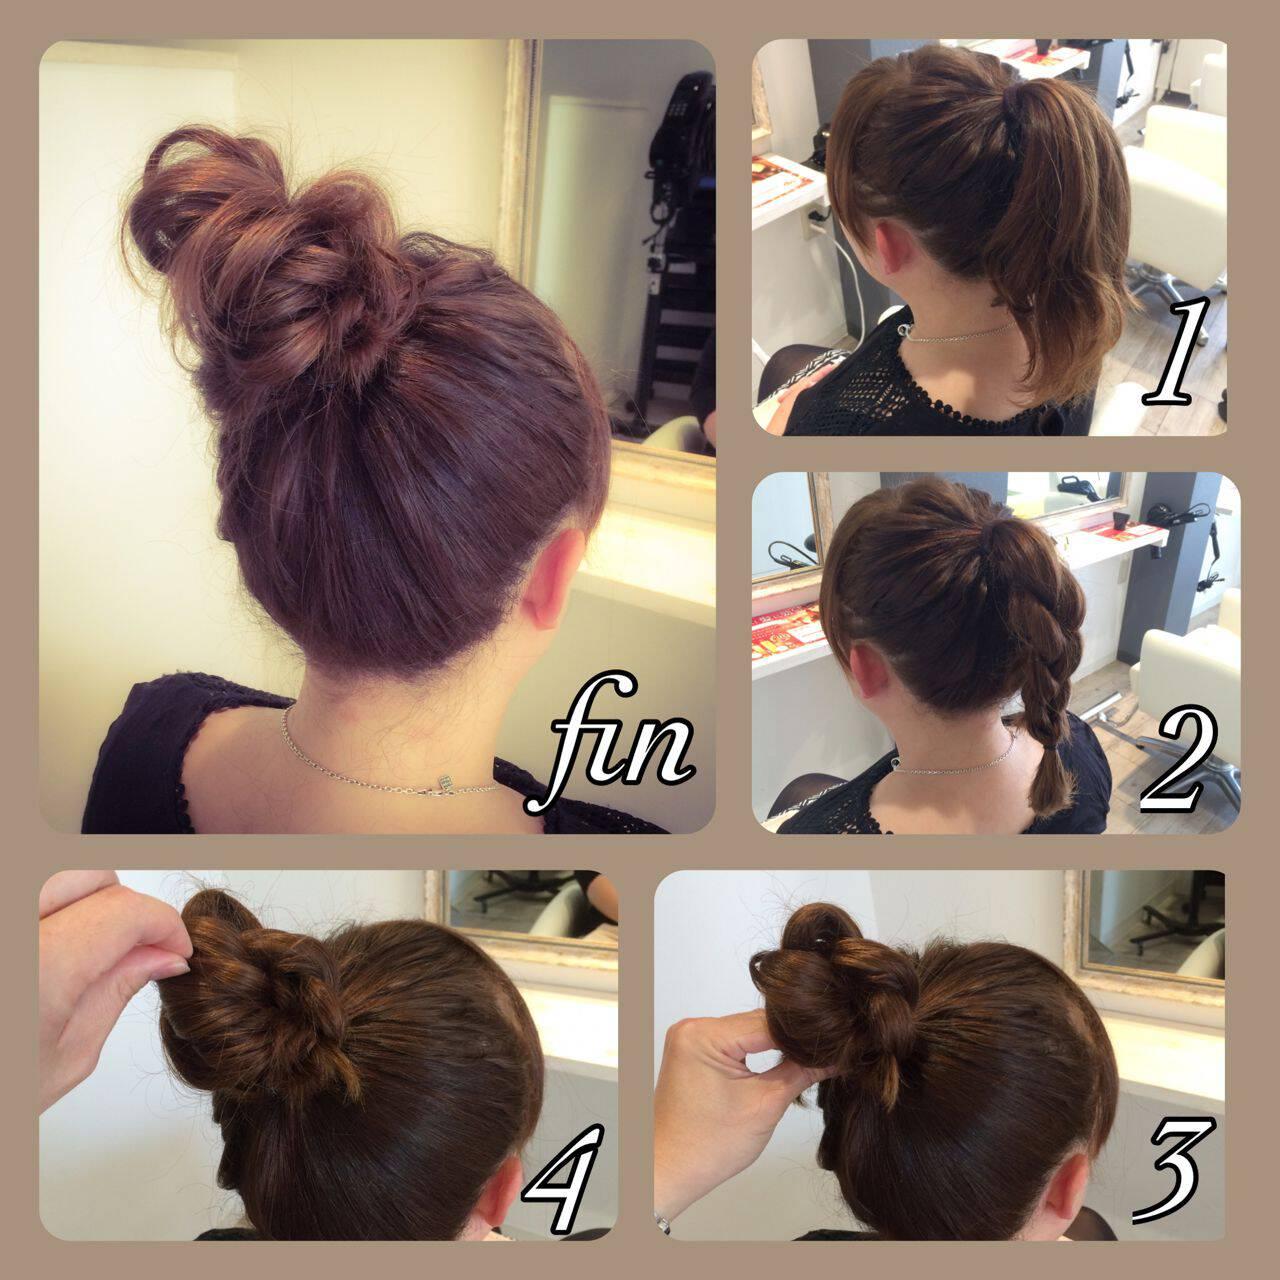 ショート ヘアアレンジ お団子 簡単ヘアアレンジヘアスタイルや髪型の写真・画像